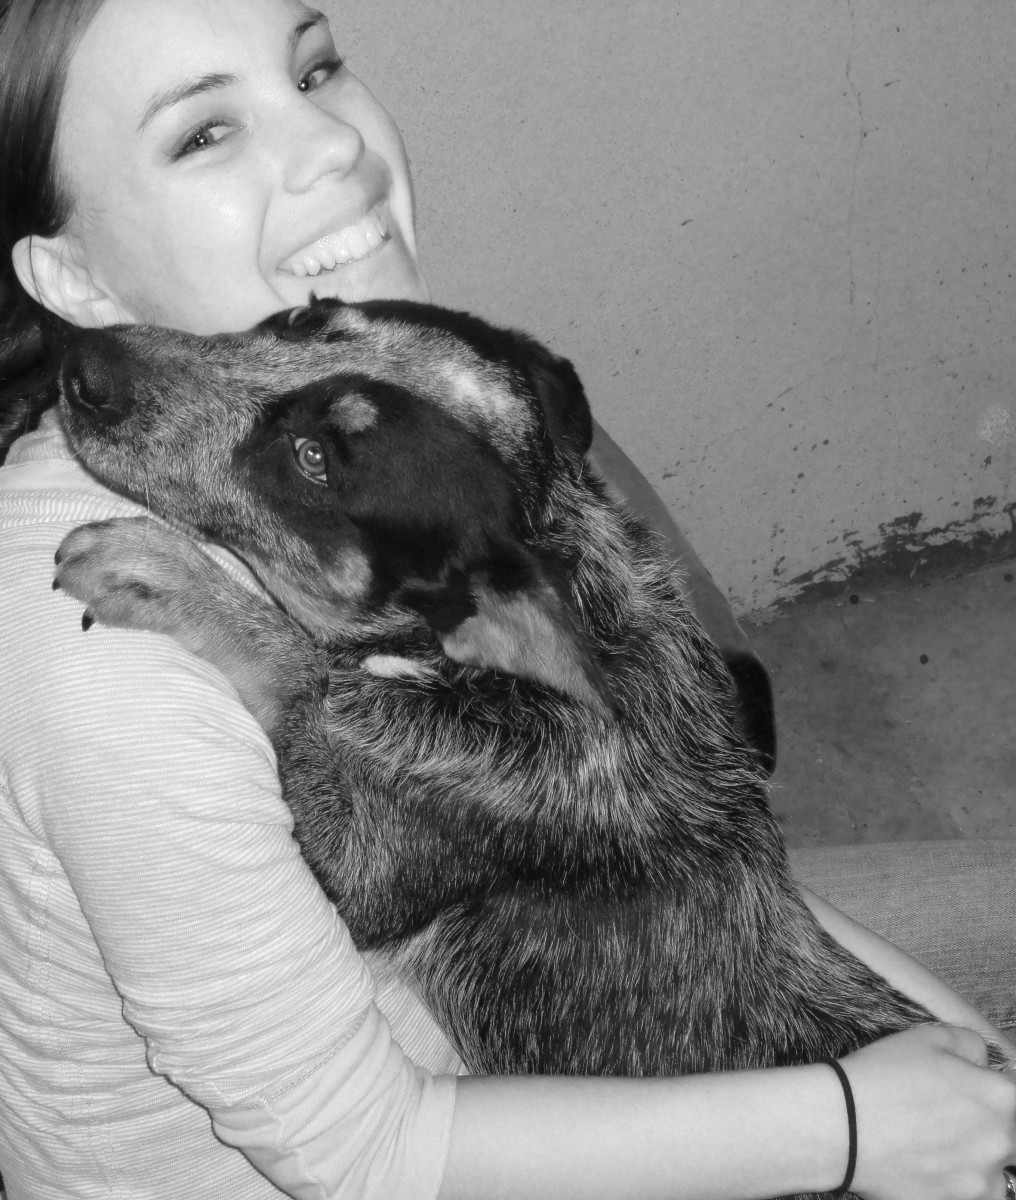 Roxy giving me hugs